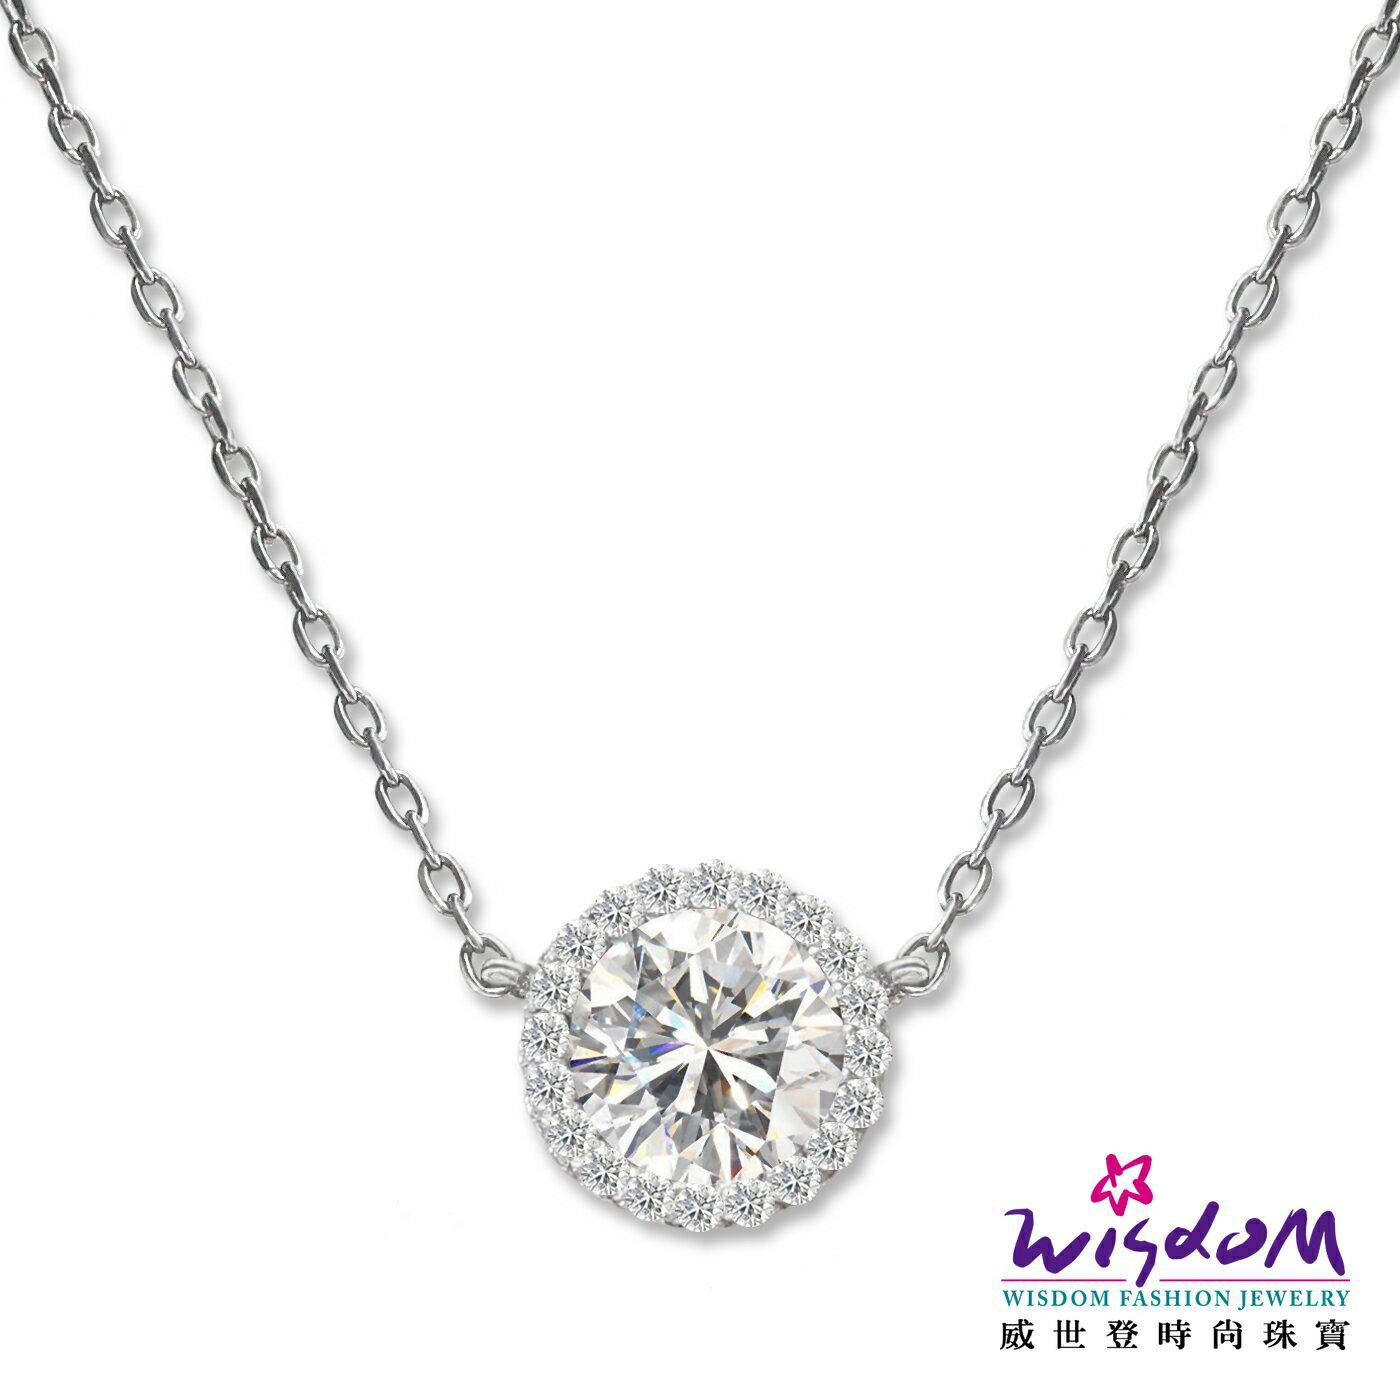 威世登時尚珠寶-珍愛璀璨系列-唯一銀小套鍊 - ZSB00009-CIHX